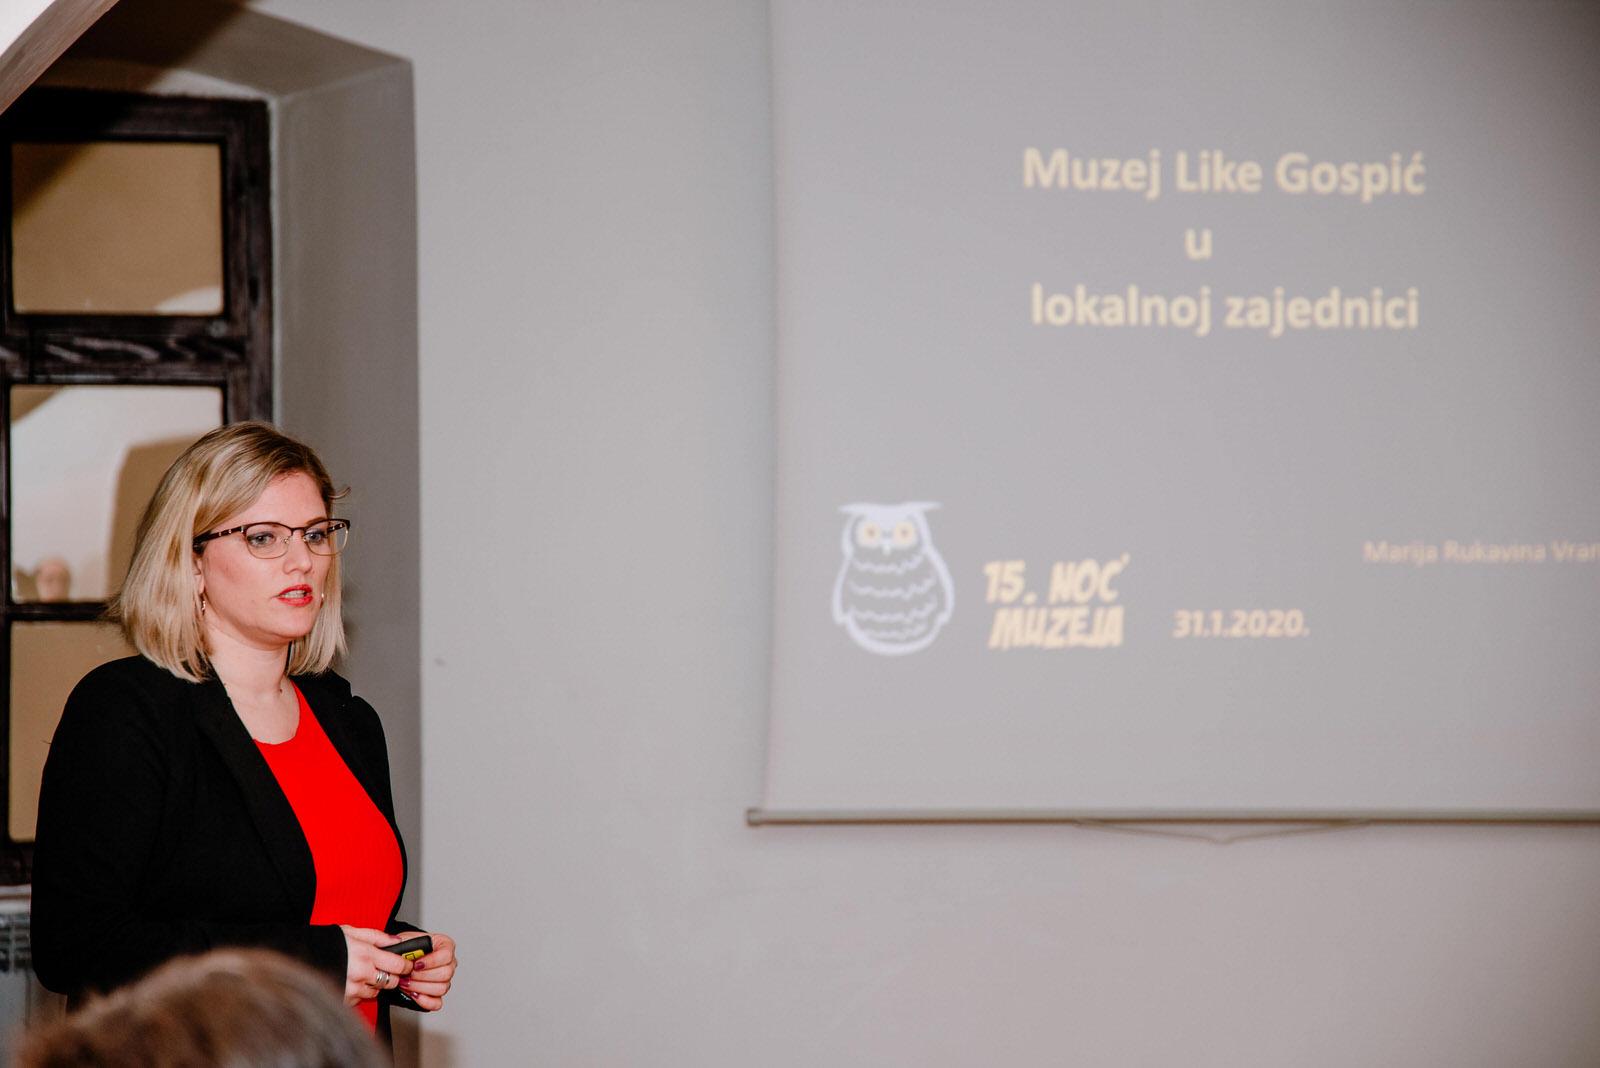 likaclub_gospić_noć muzeja_31.1.2020 (18)